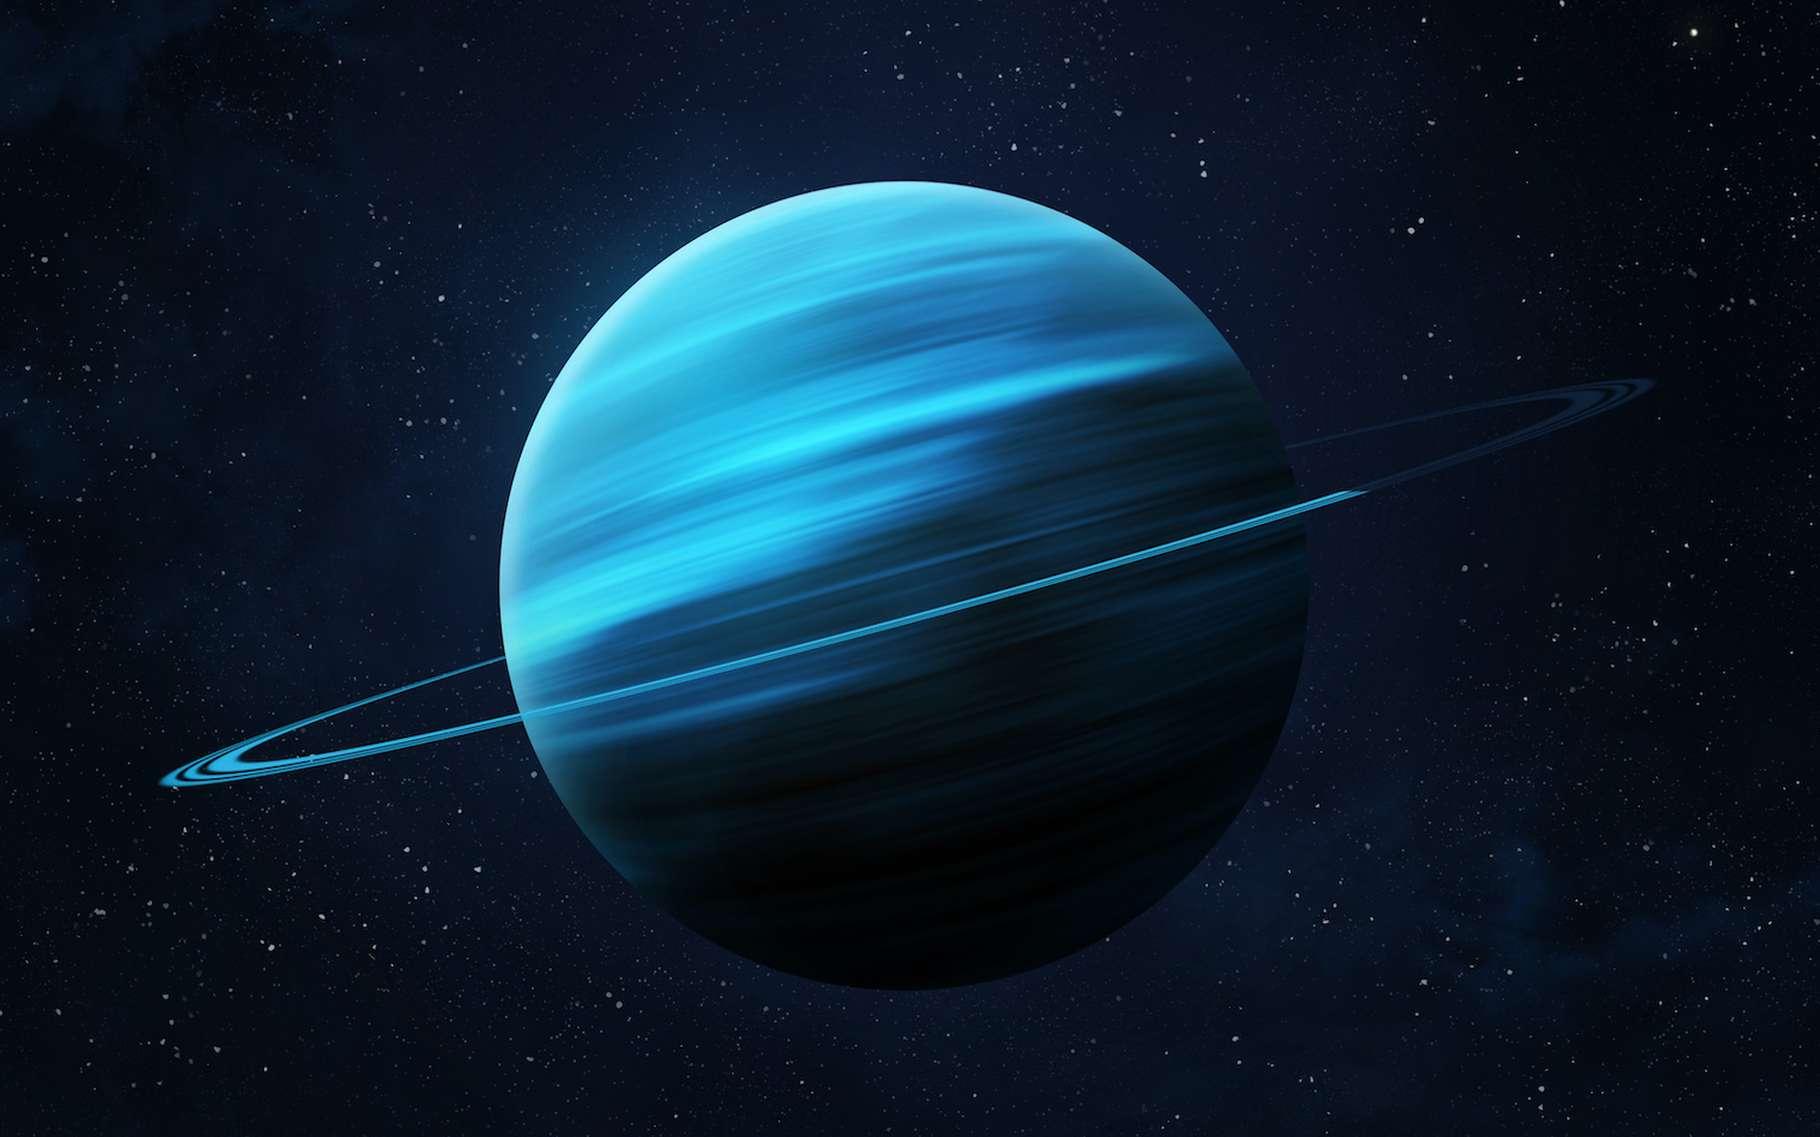 La distance entre le périhélie et l'aphélie d'Uranus est de 1,8 unité astronomique, la plus grande de tout le Système solaire. © revers_jr, Adobe Stock